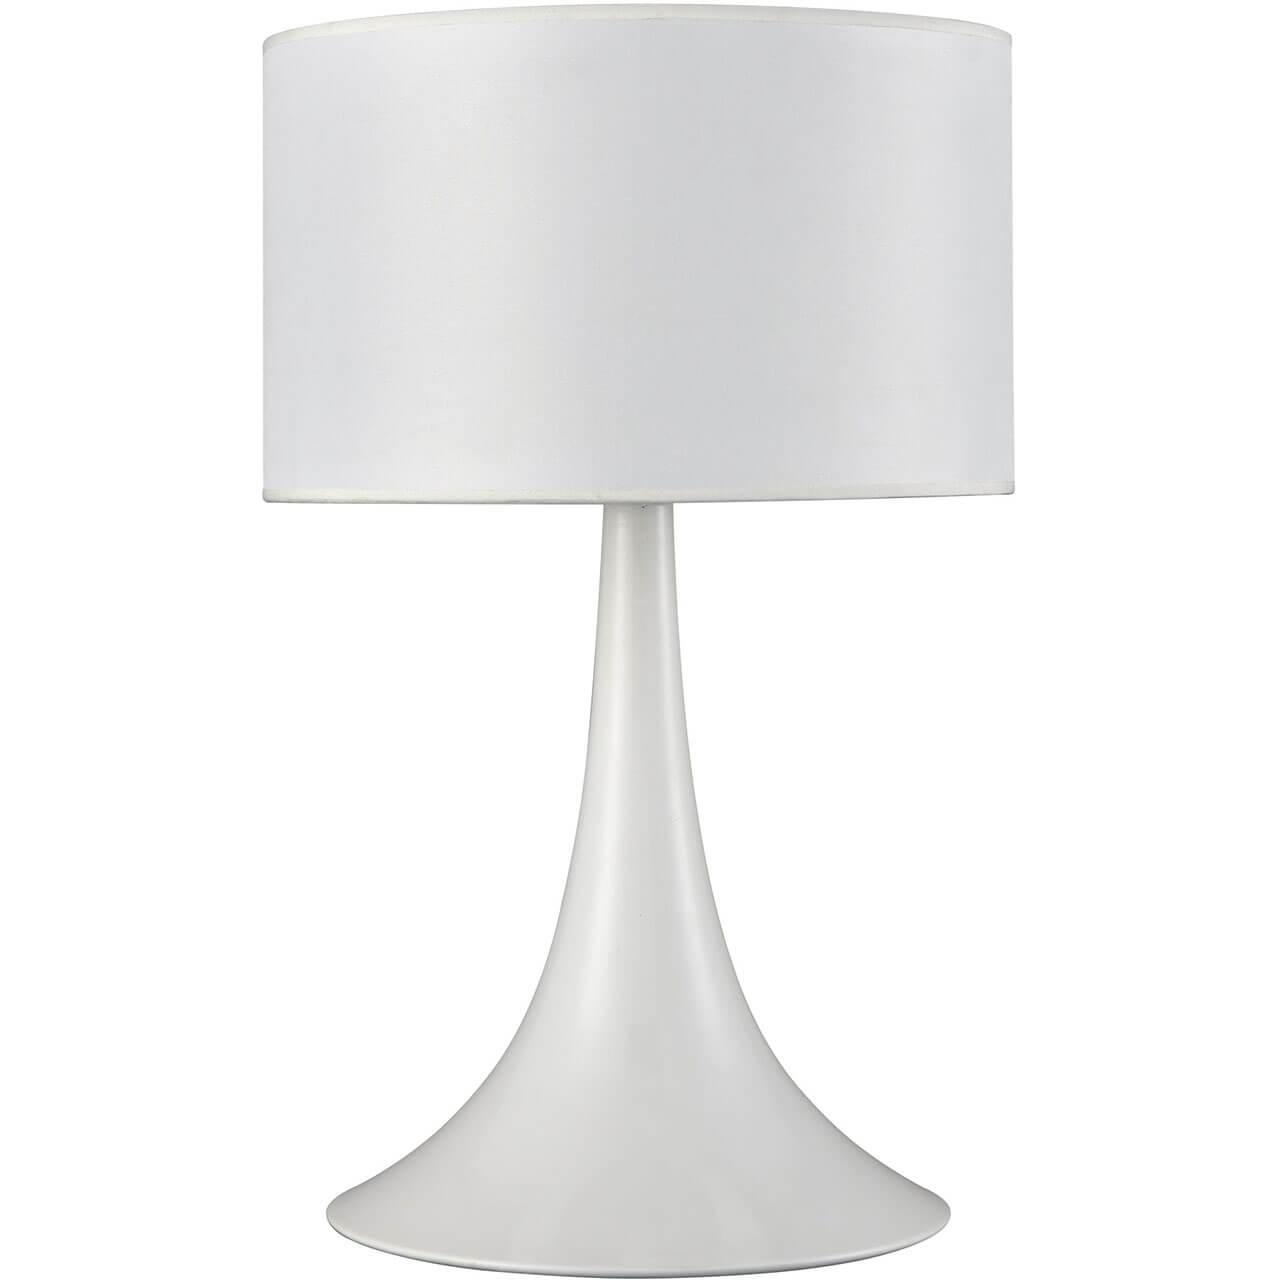 Настольная лампа Vele Luce Toppi VL1841N01 настольная лампа декоративная vele luce toppi vl1841n01